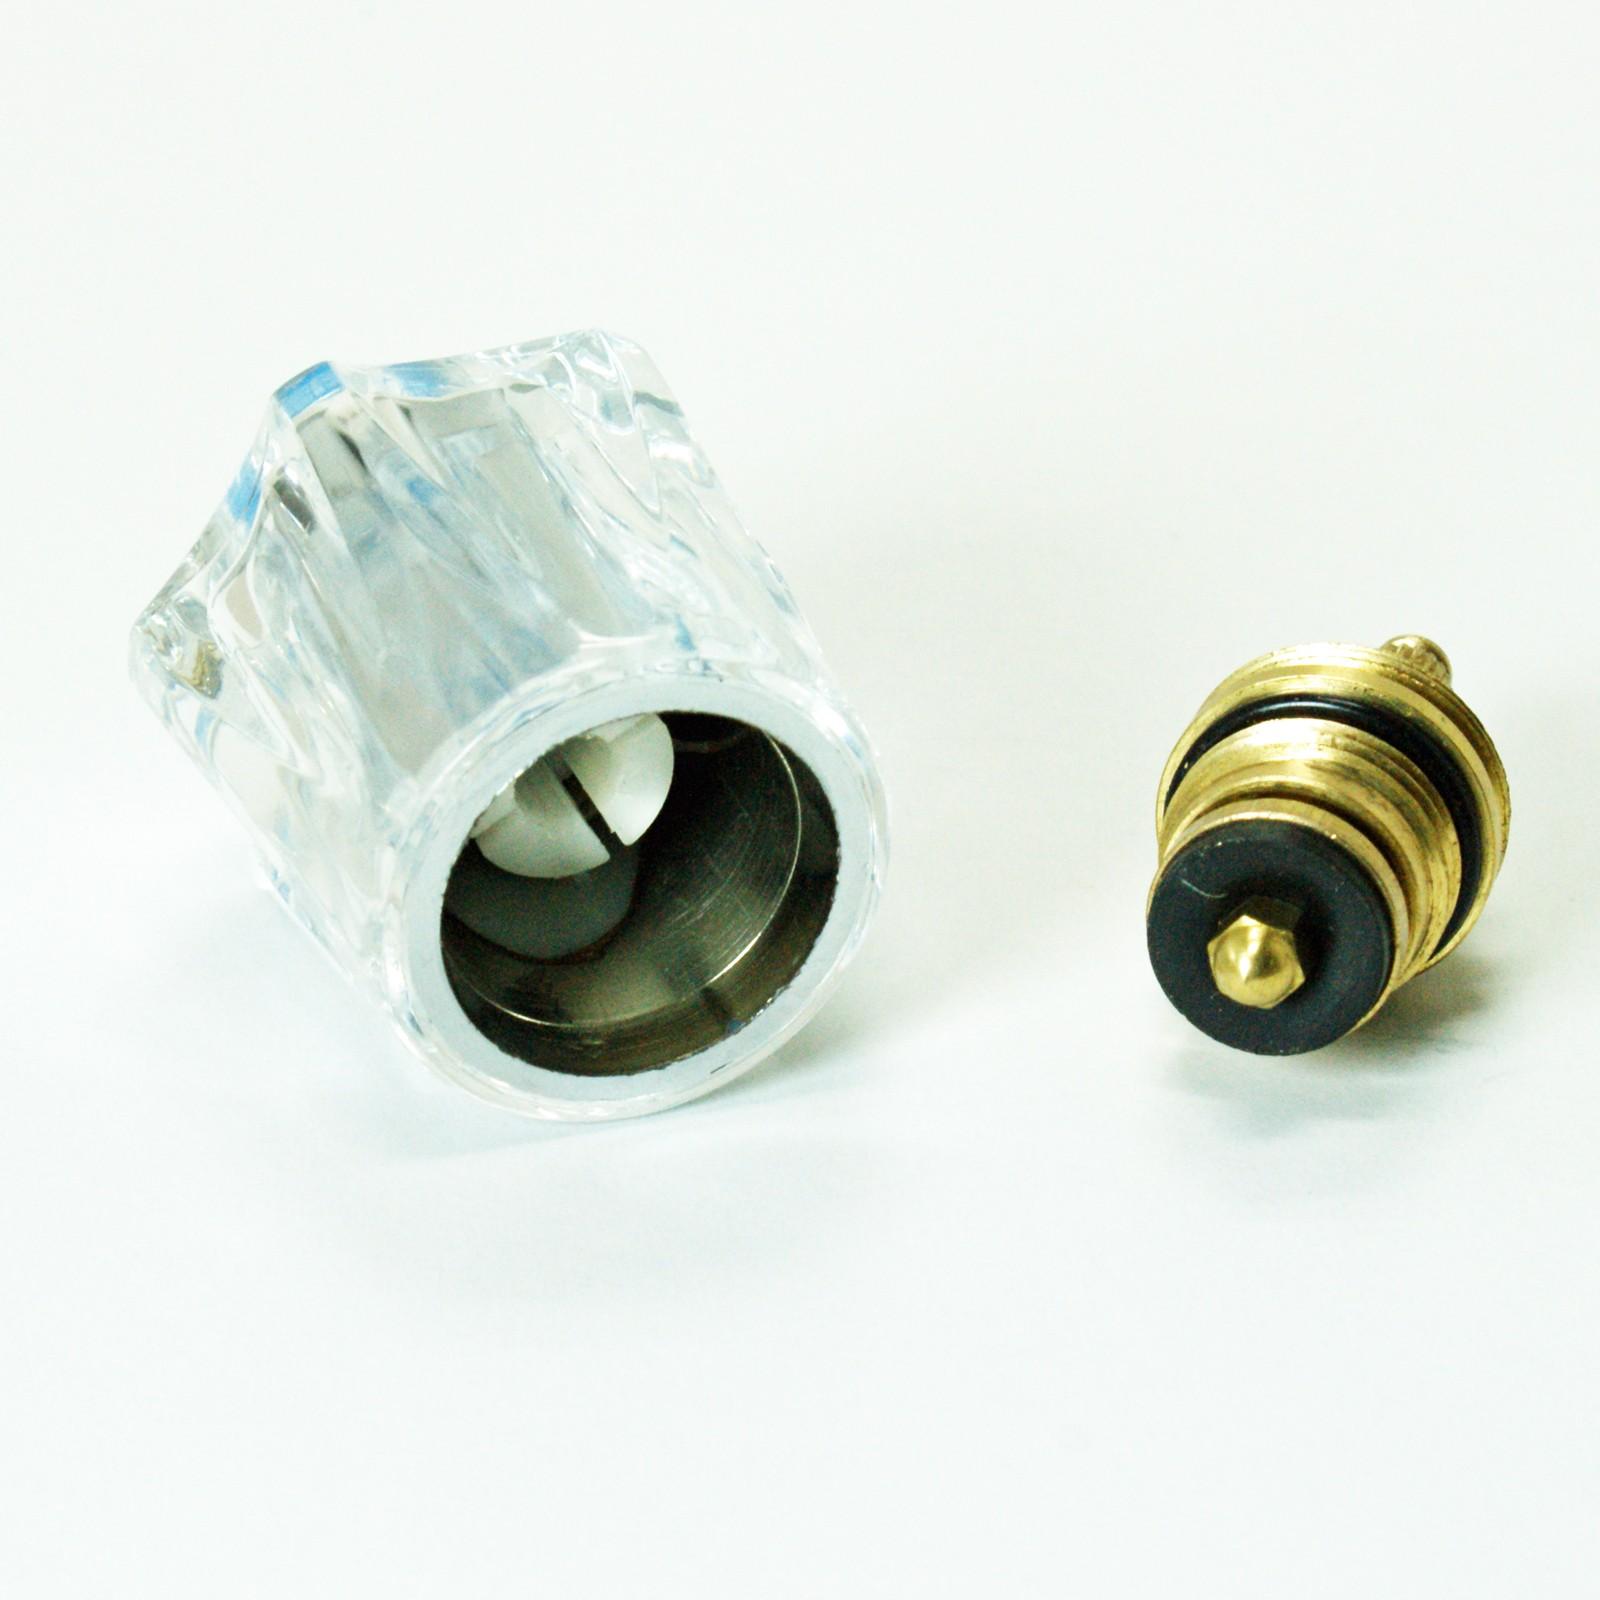 hahnoberteil 1 2 zoll blau ventiloberteil armatur wasserhahn oberteil kaltwasser ebay. Black Bedroom Furniture Sets. Home Design Ideas